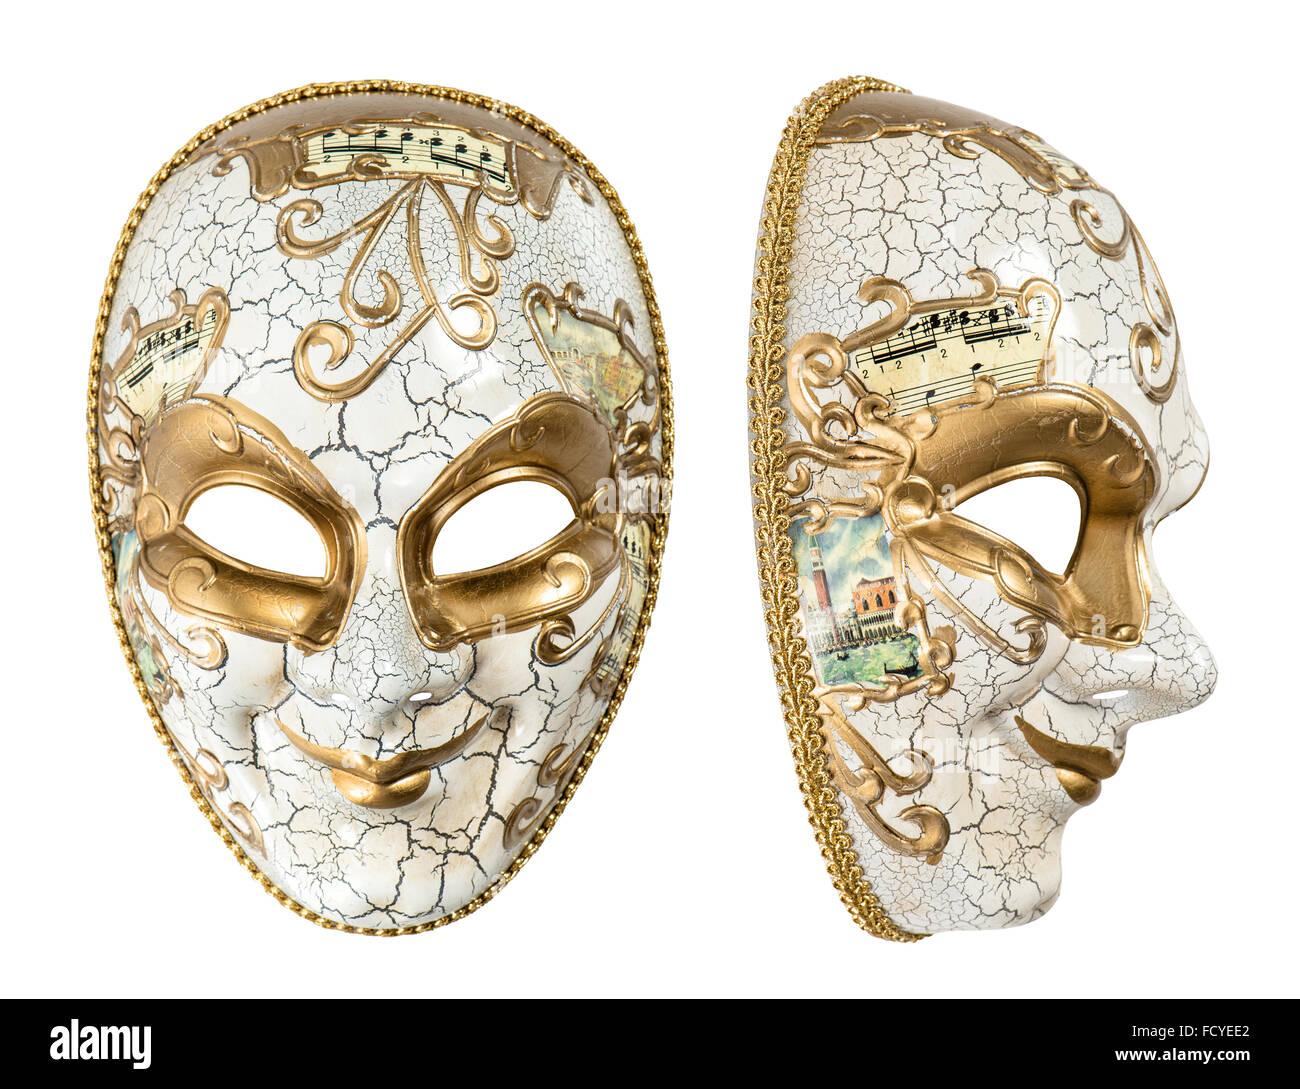 La máscara de carnaval Harlequin. Mardi Gras. Decoración de ...